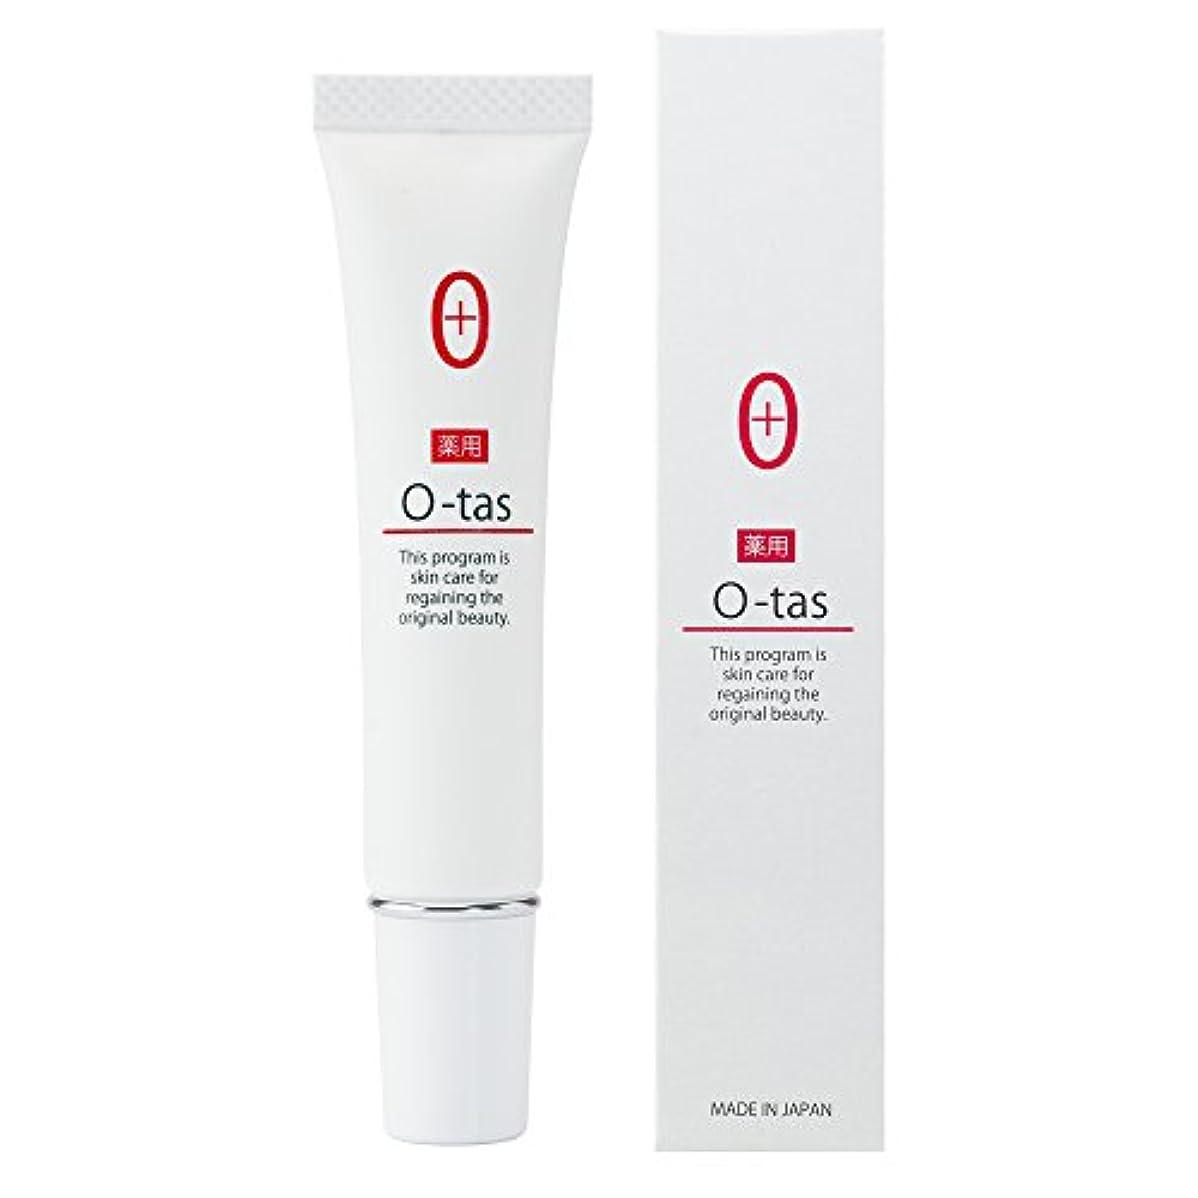 化粧感謝するくちばし美白 しみ くすみ そばかす ケア 医薬部外品 薬用 オータス トラネキサム酸 美容液 15g